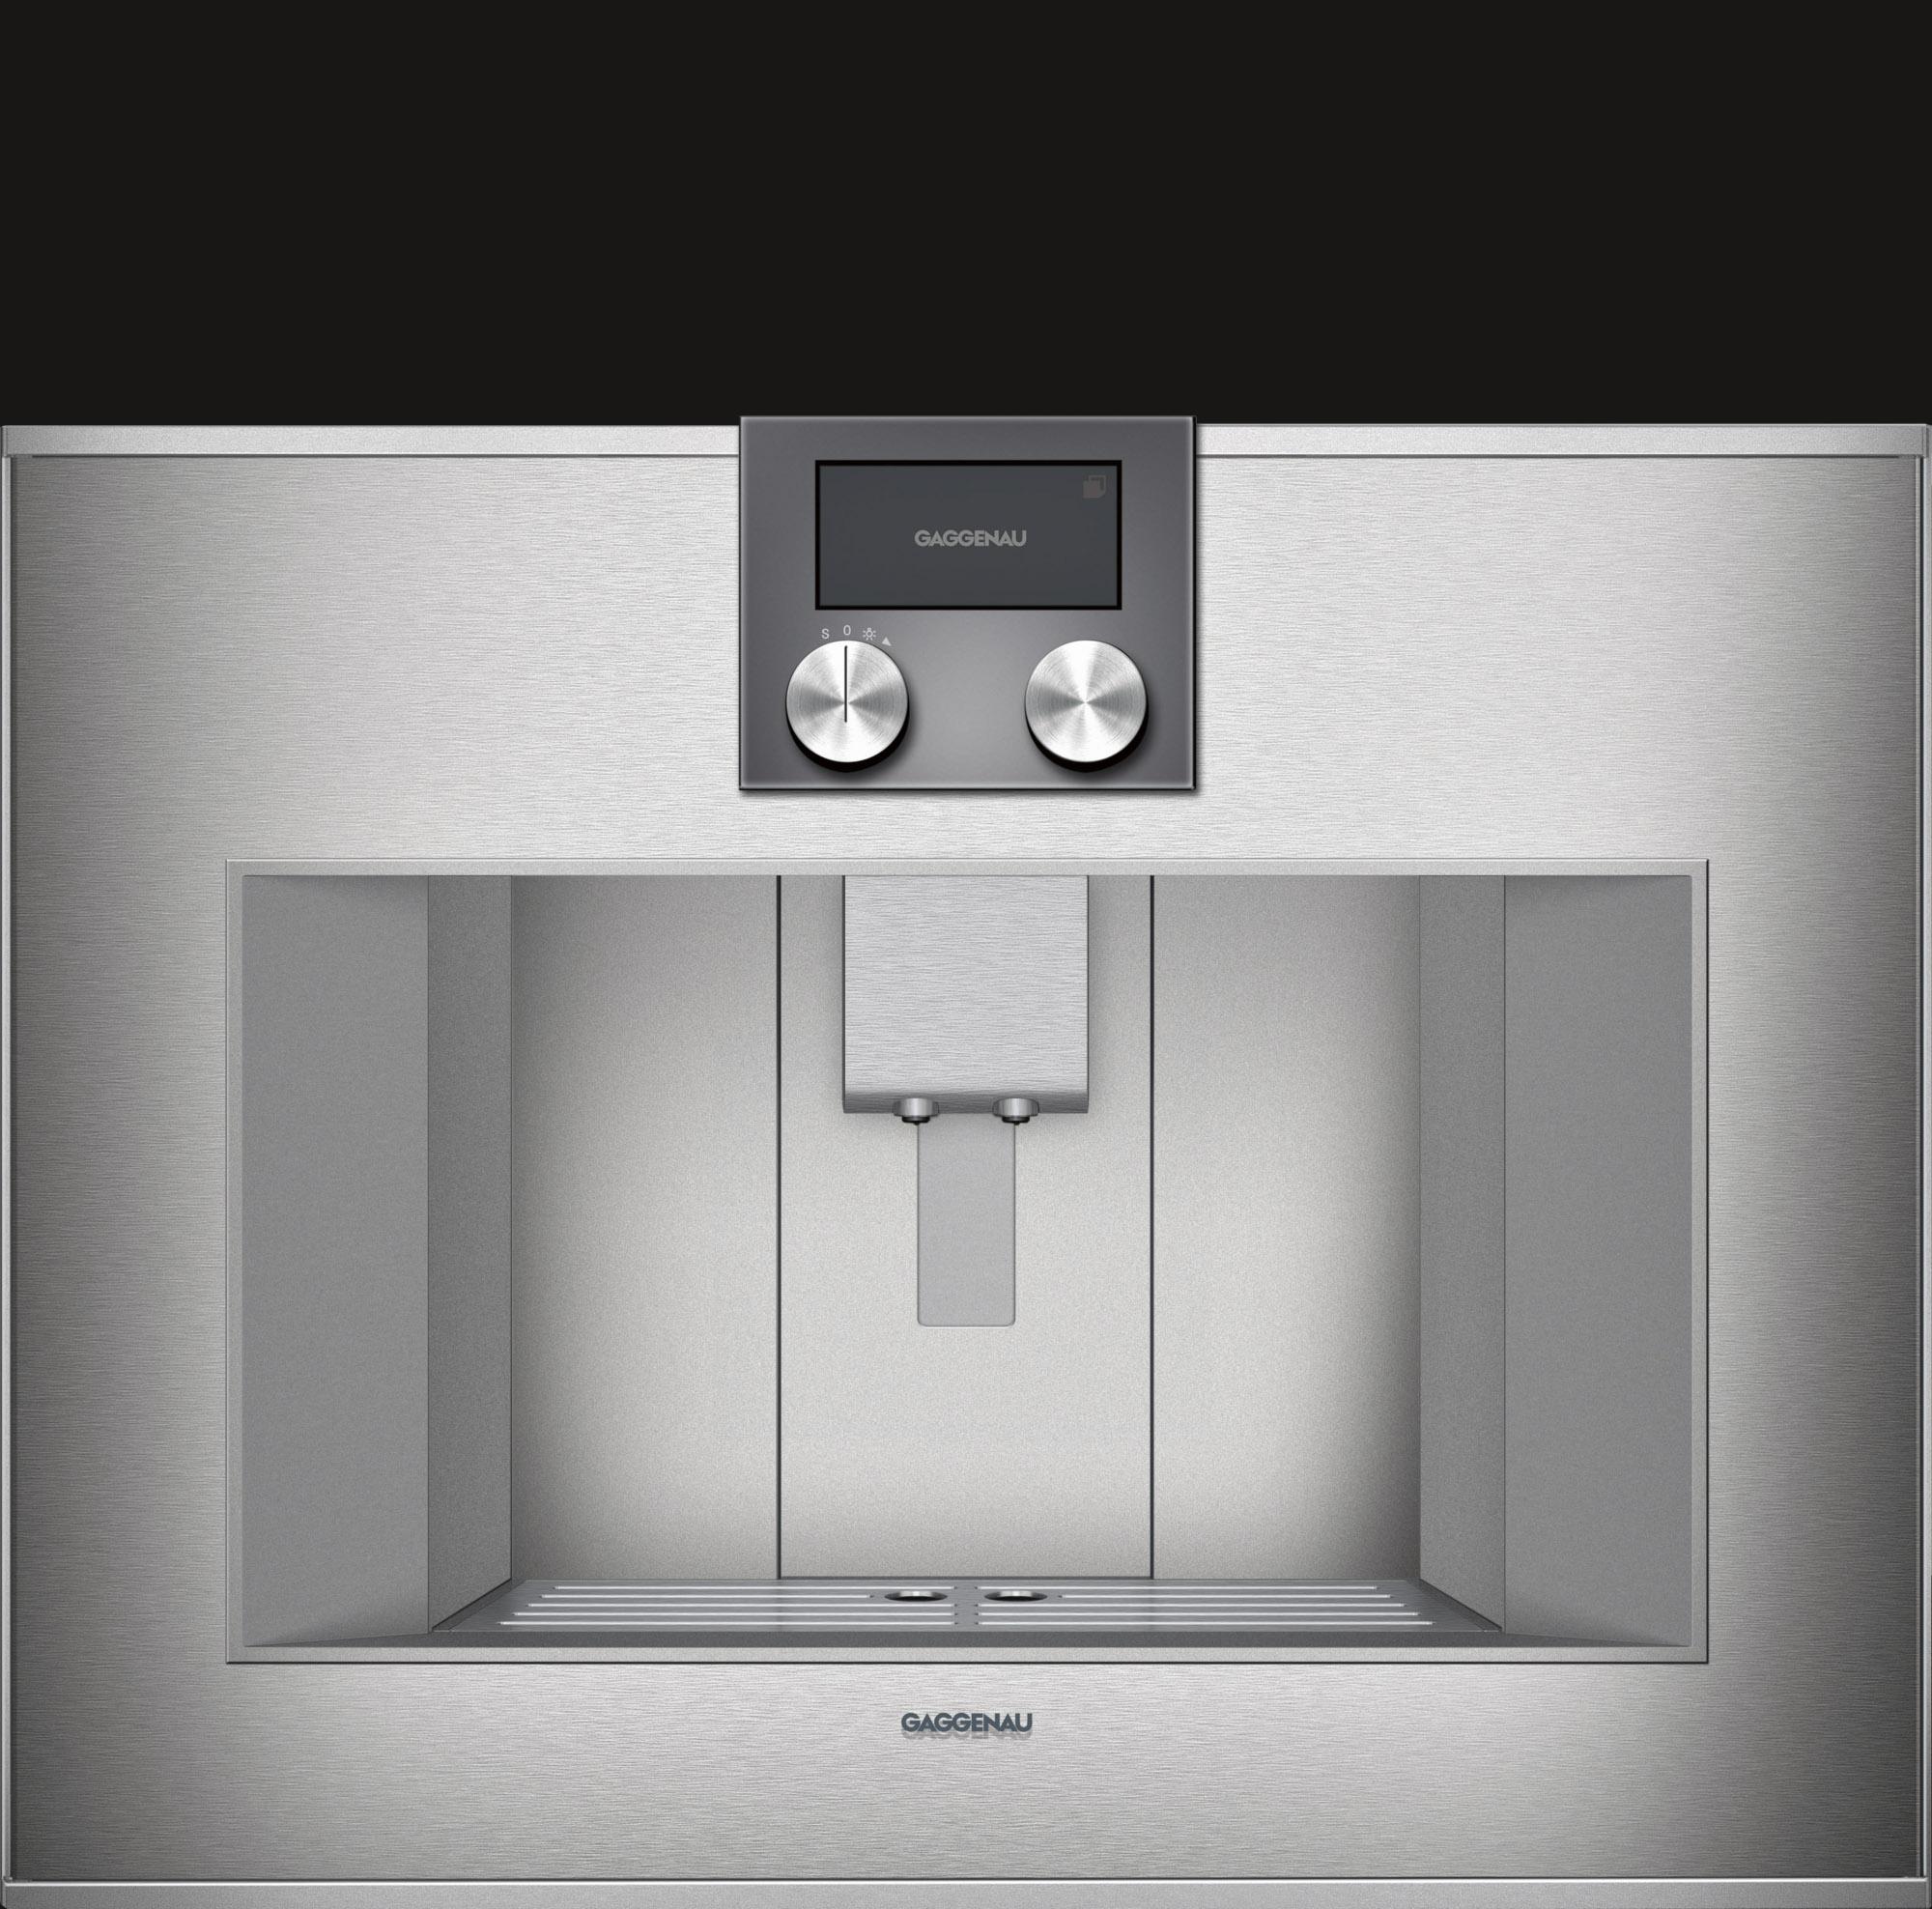 Автоматическая кофемашина CM450110 GAGGENAU